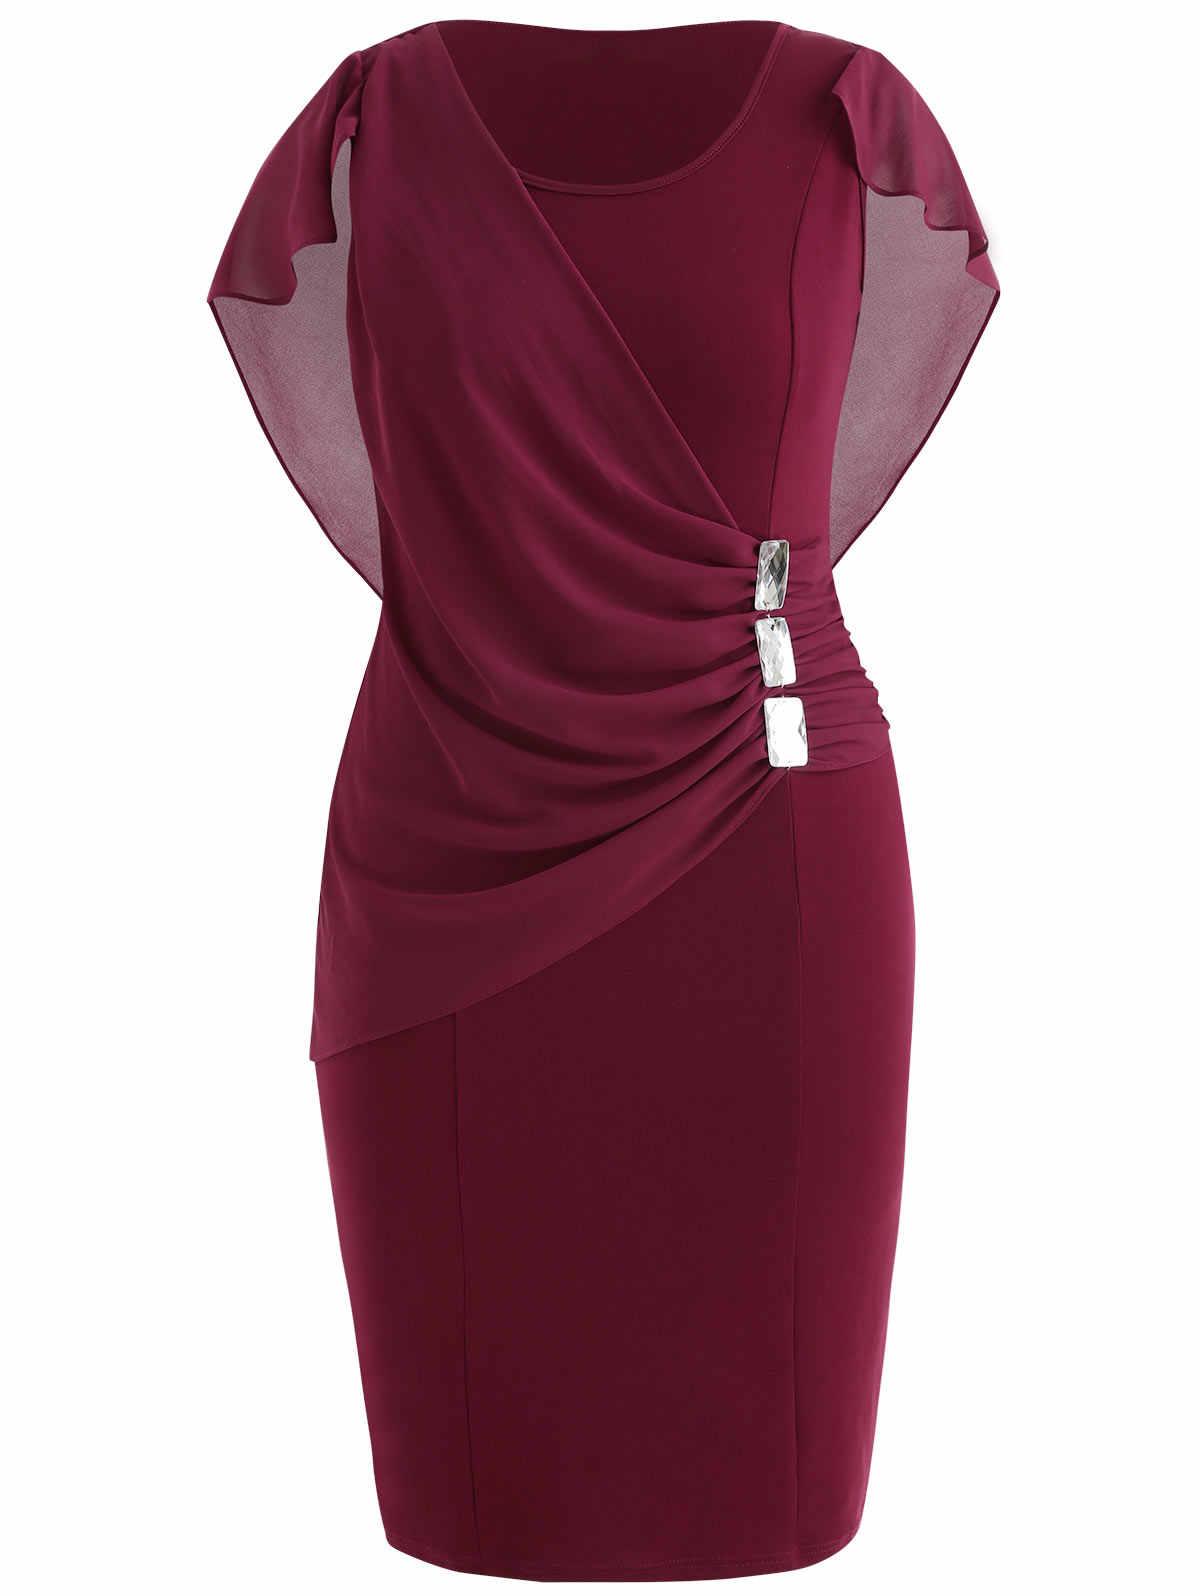 Wipalo de talla grande 5XL Capelet longitud de la rodilla ajustado vestido de fiesta mujeres sin mangas cuello redondo vestido de envoltura de diamantes de imitación superposición Vestidos